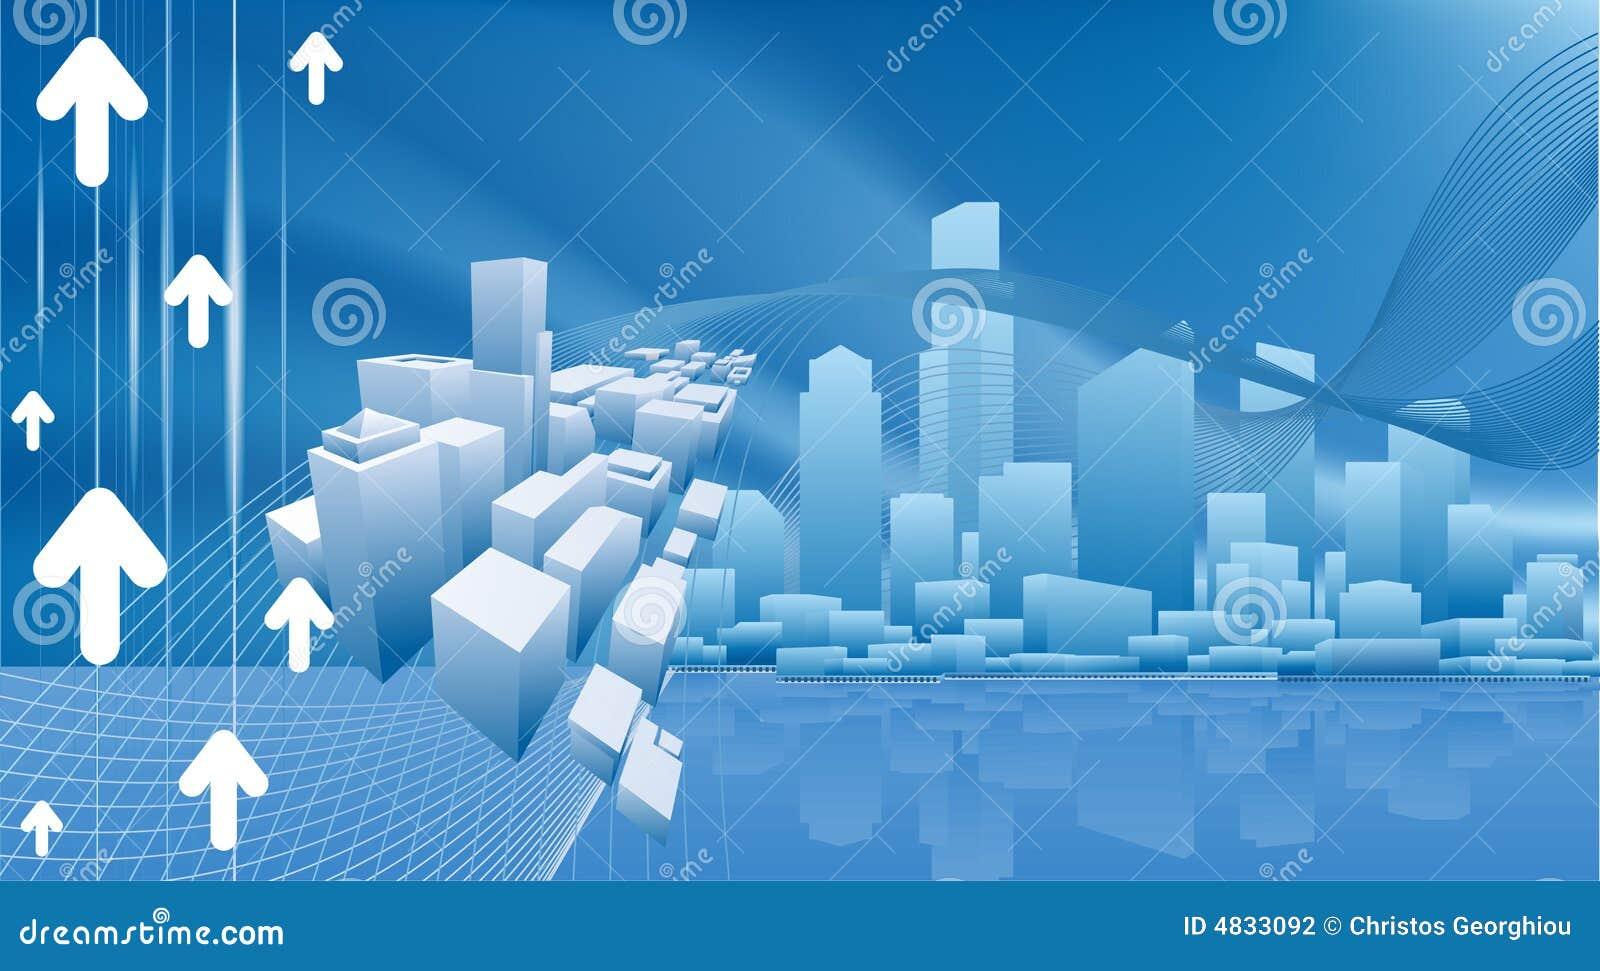 Fondo conceptual del asunto de la ciudad